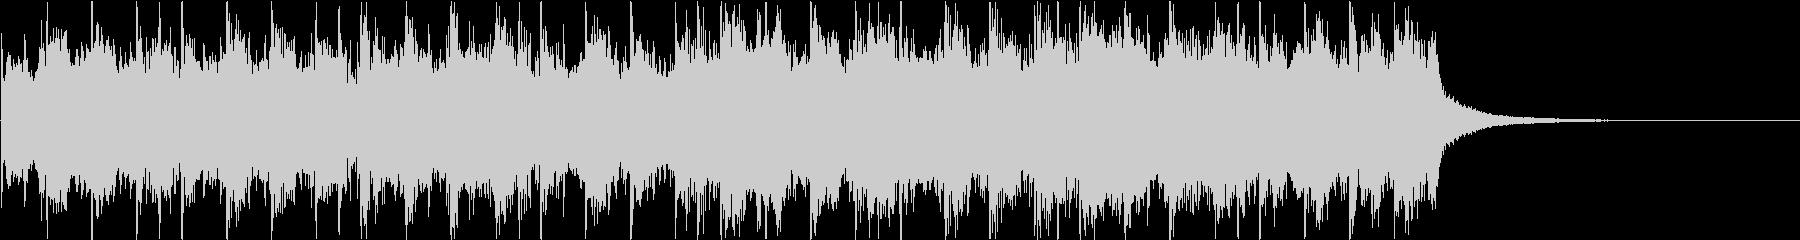 クラシック_01にリズムを入れていますの未再生の波形